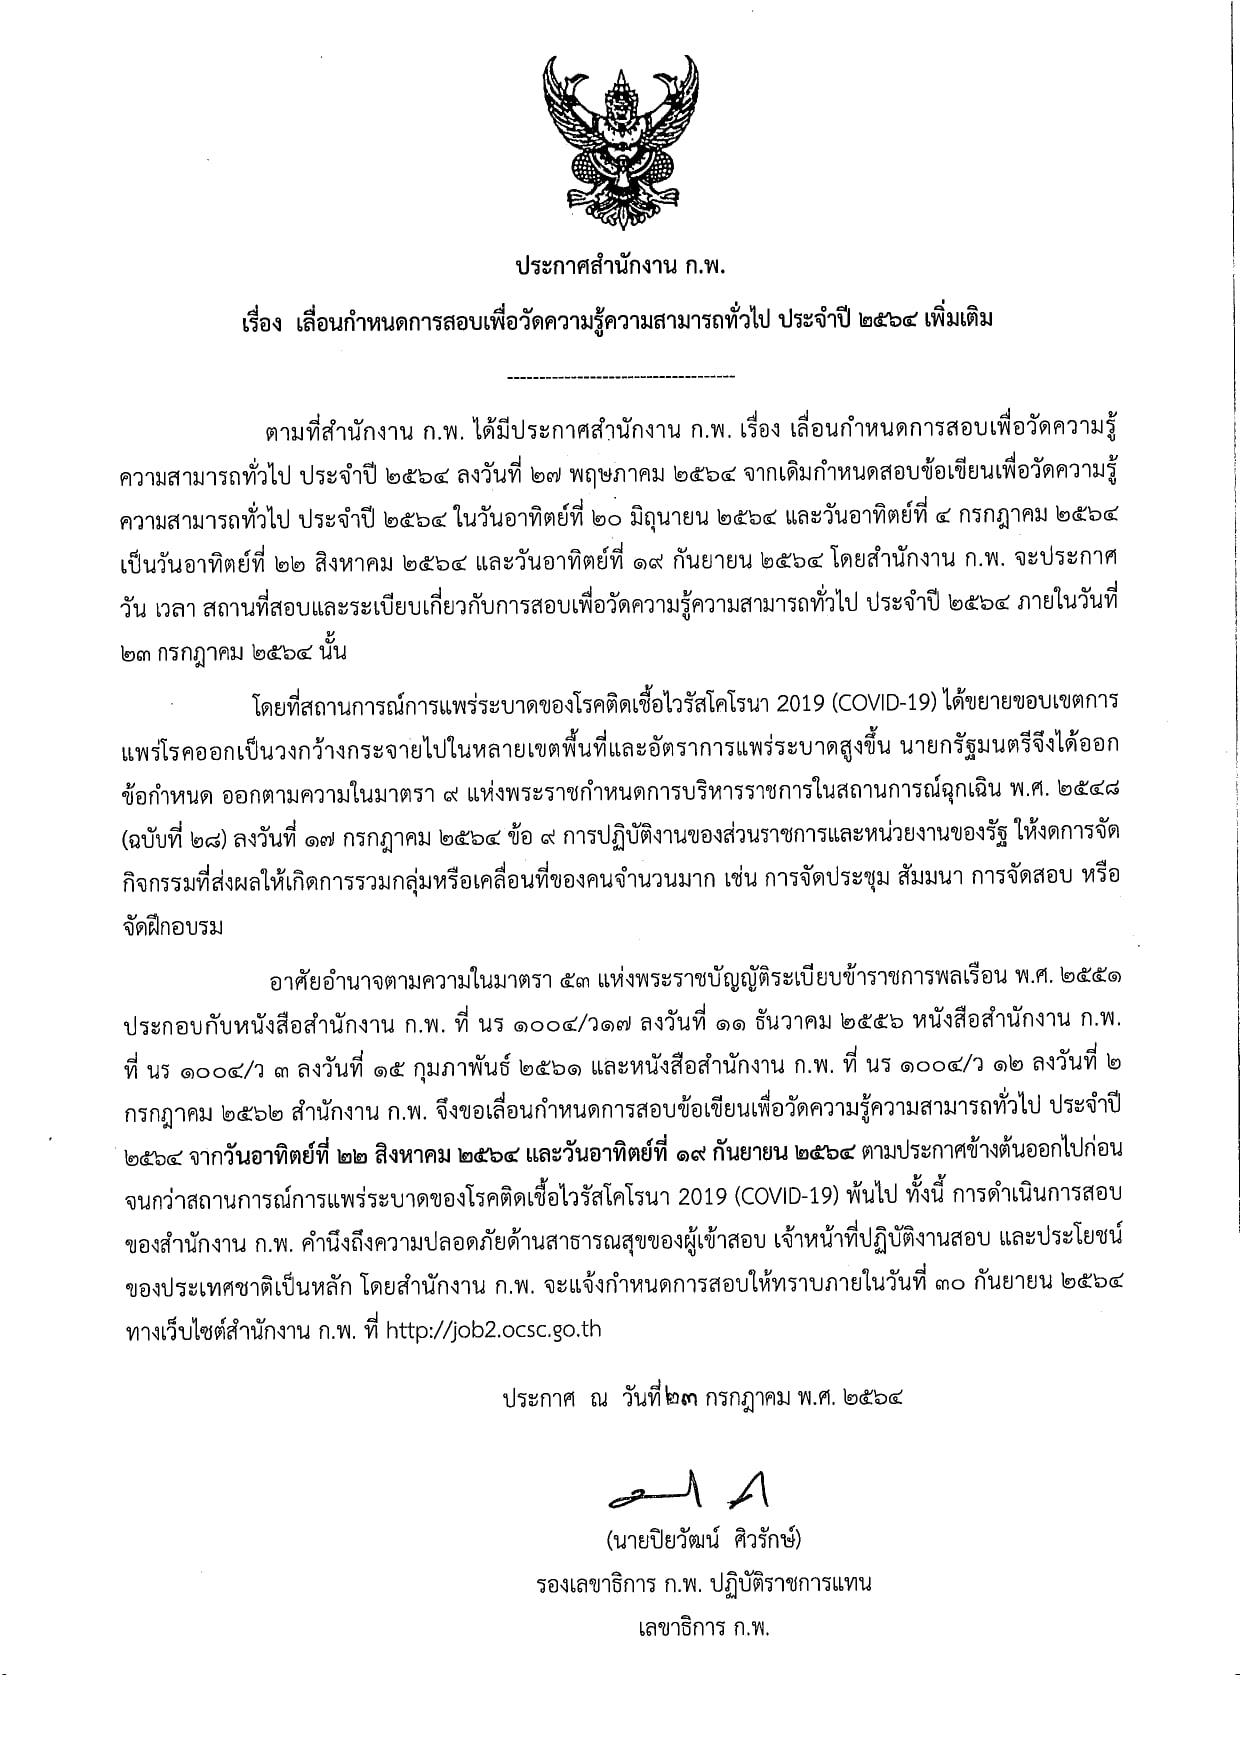 สำนักงาน ก.พ.เลื่อนกำหนดการสอบ โดยจะมีการแจ้งกำหนดการใหม่ ภายในวันที่ 30 กันยายน 64 นี้